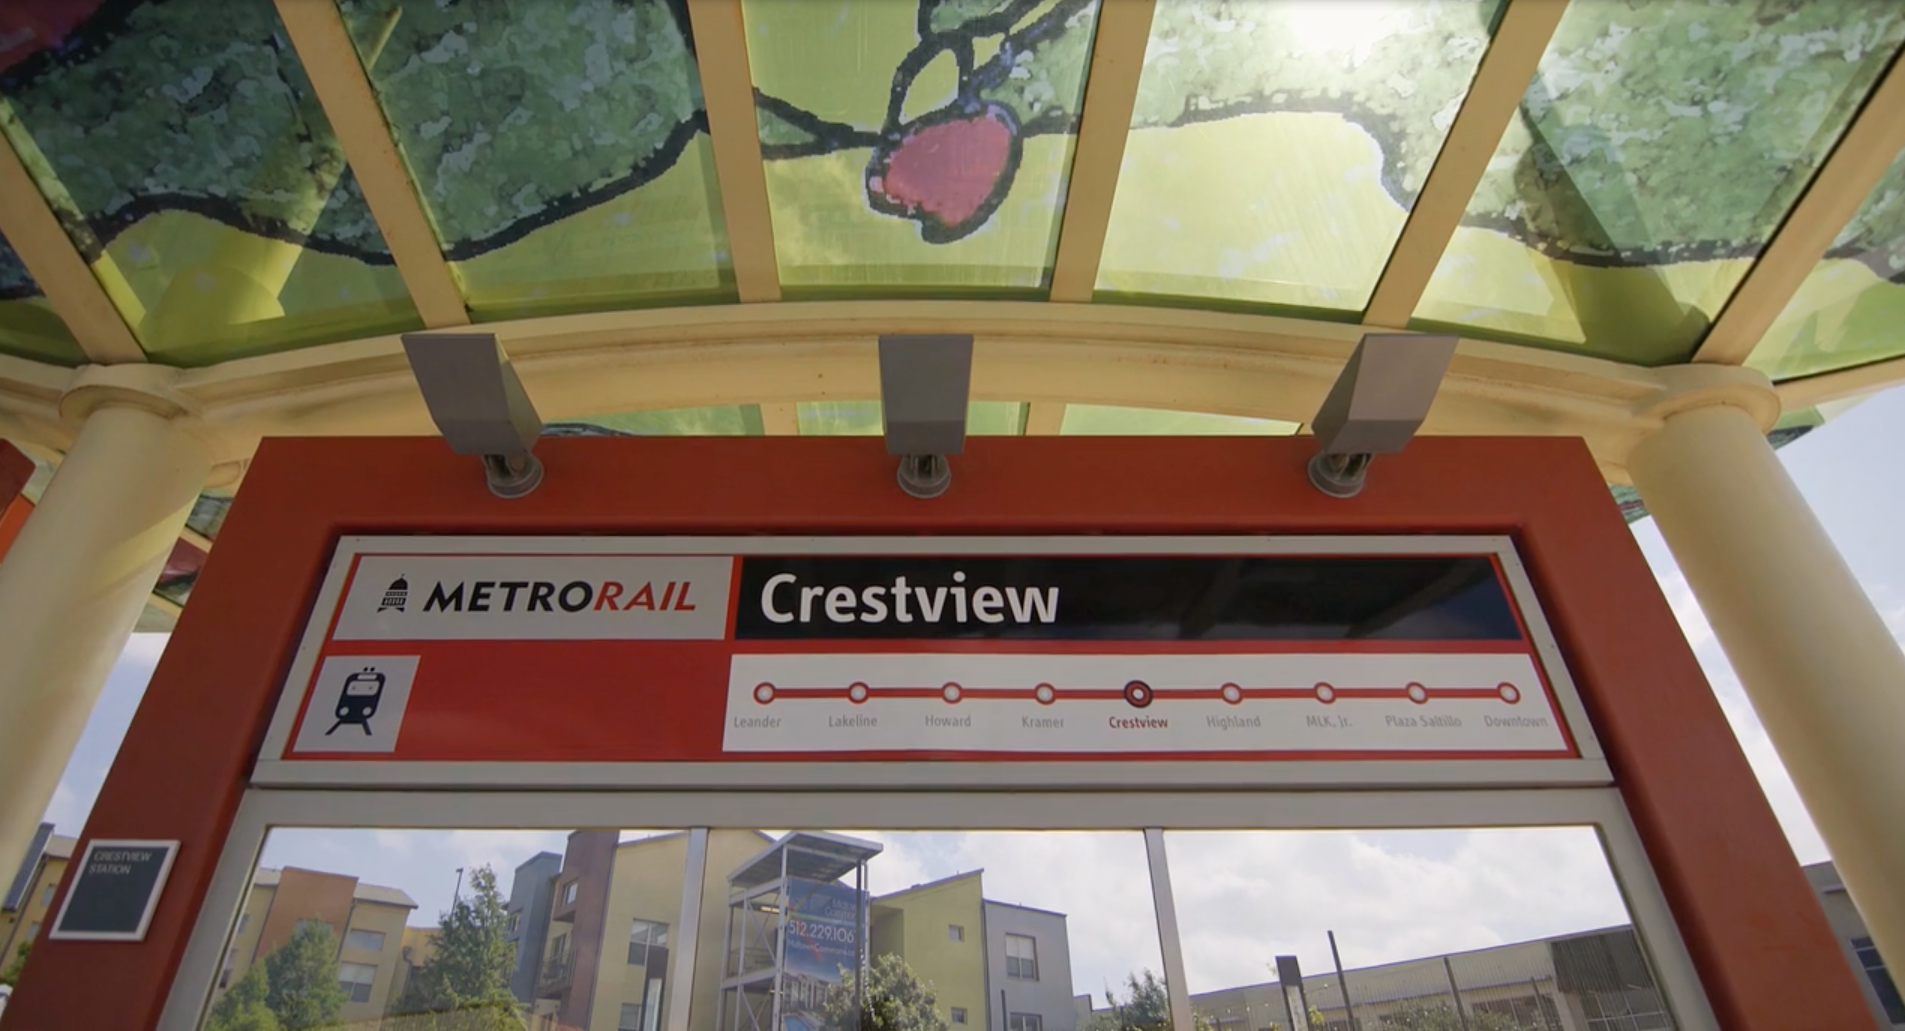 Crestview MetroRail Station